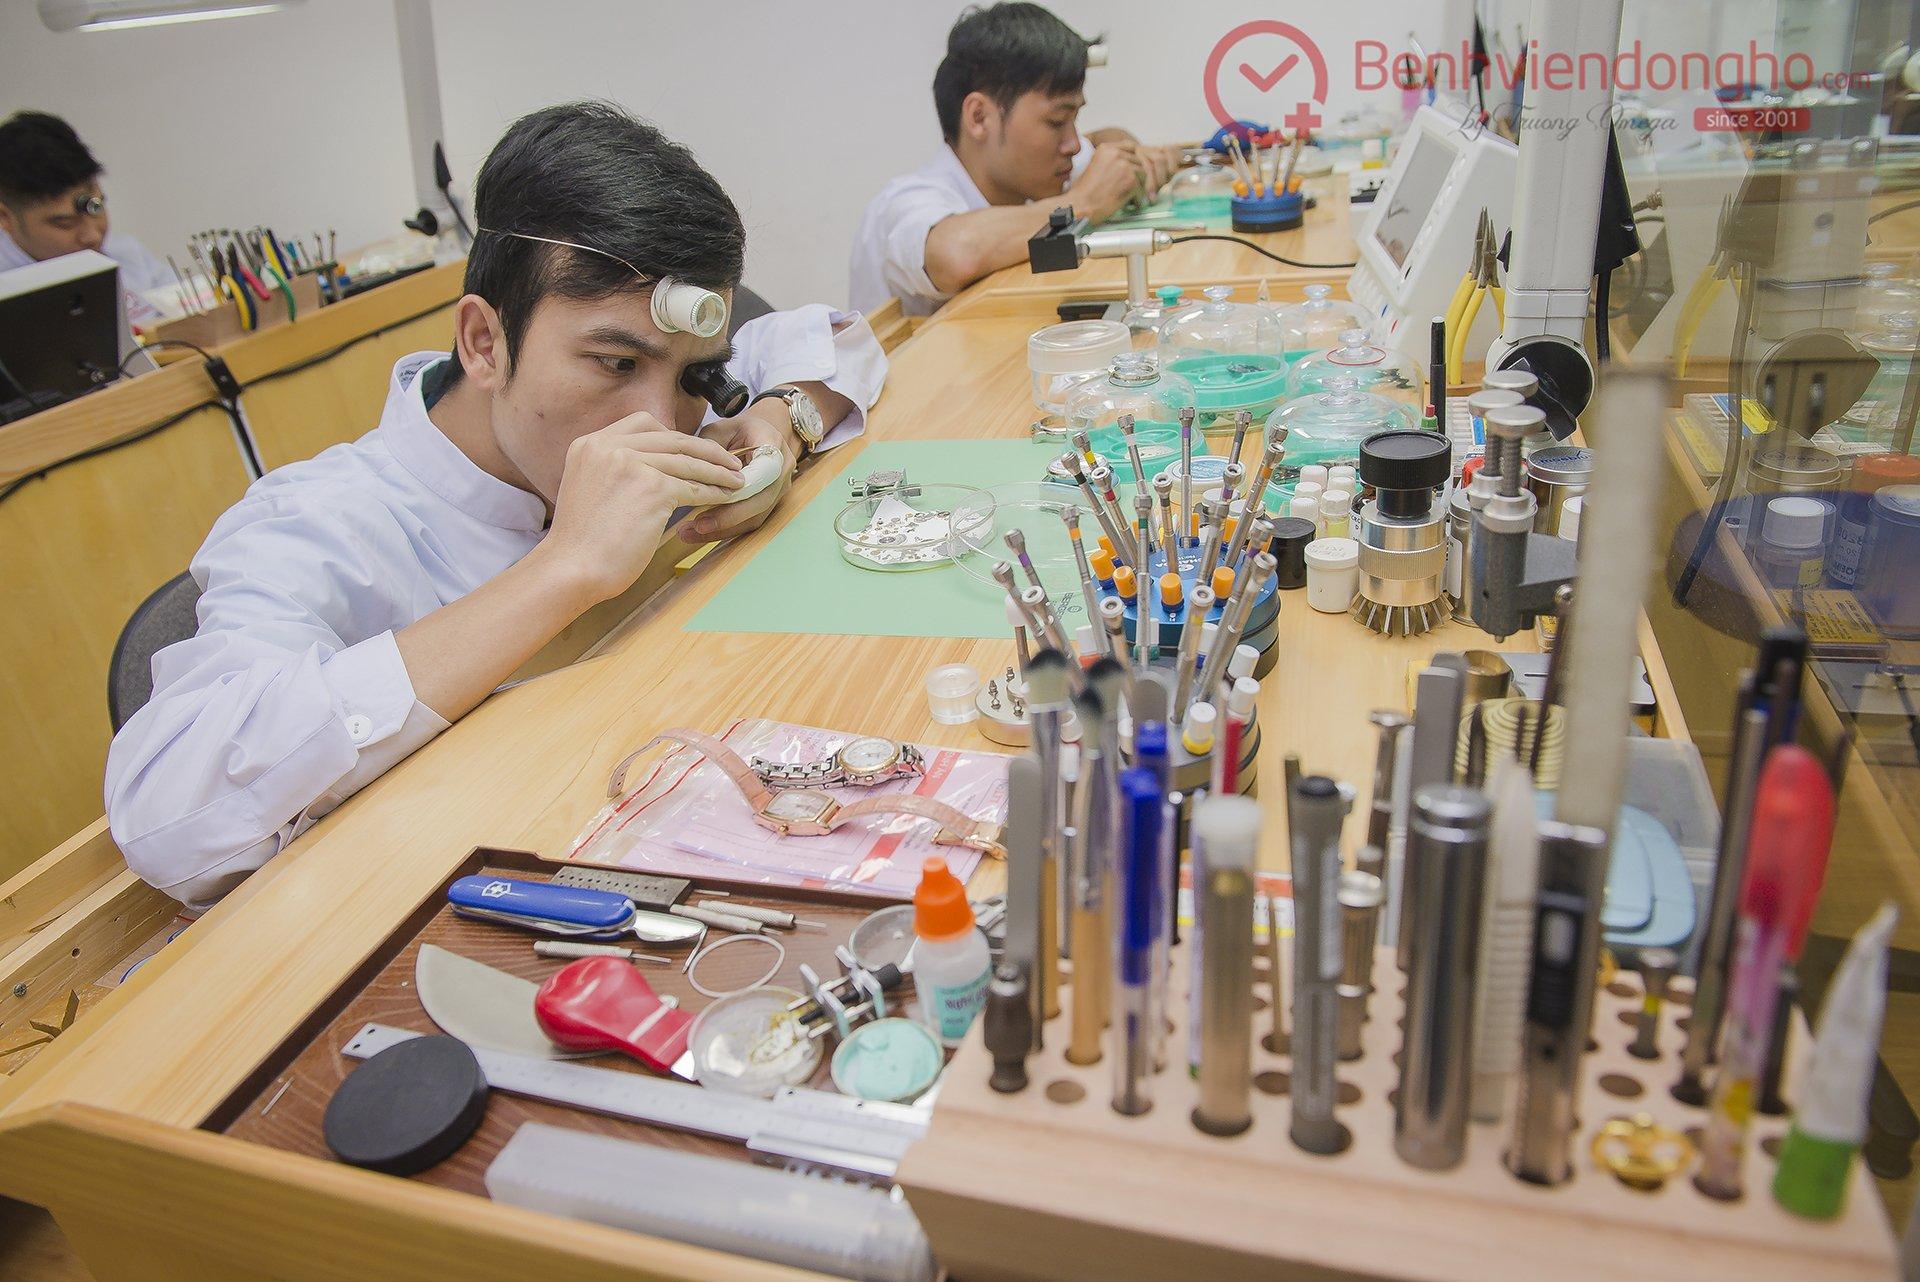 đào tạo sửa chữa đồng hồ